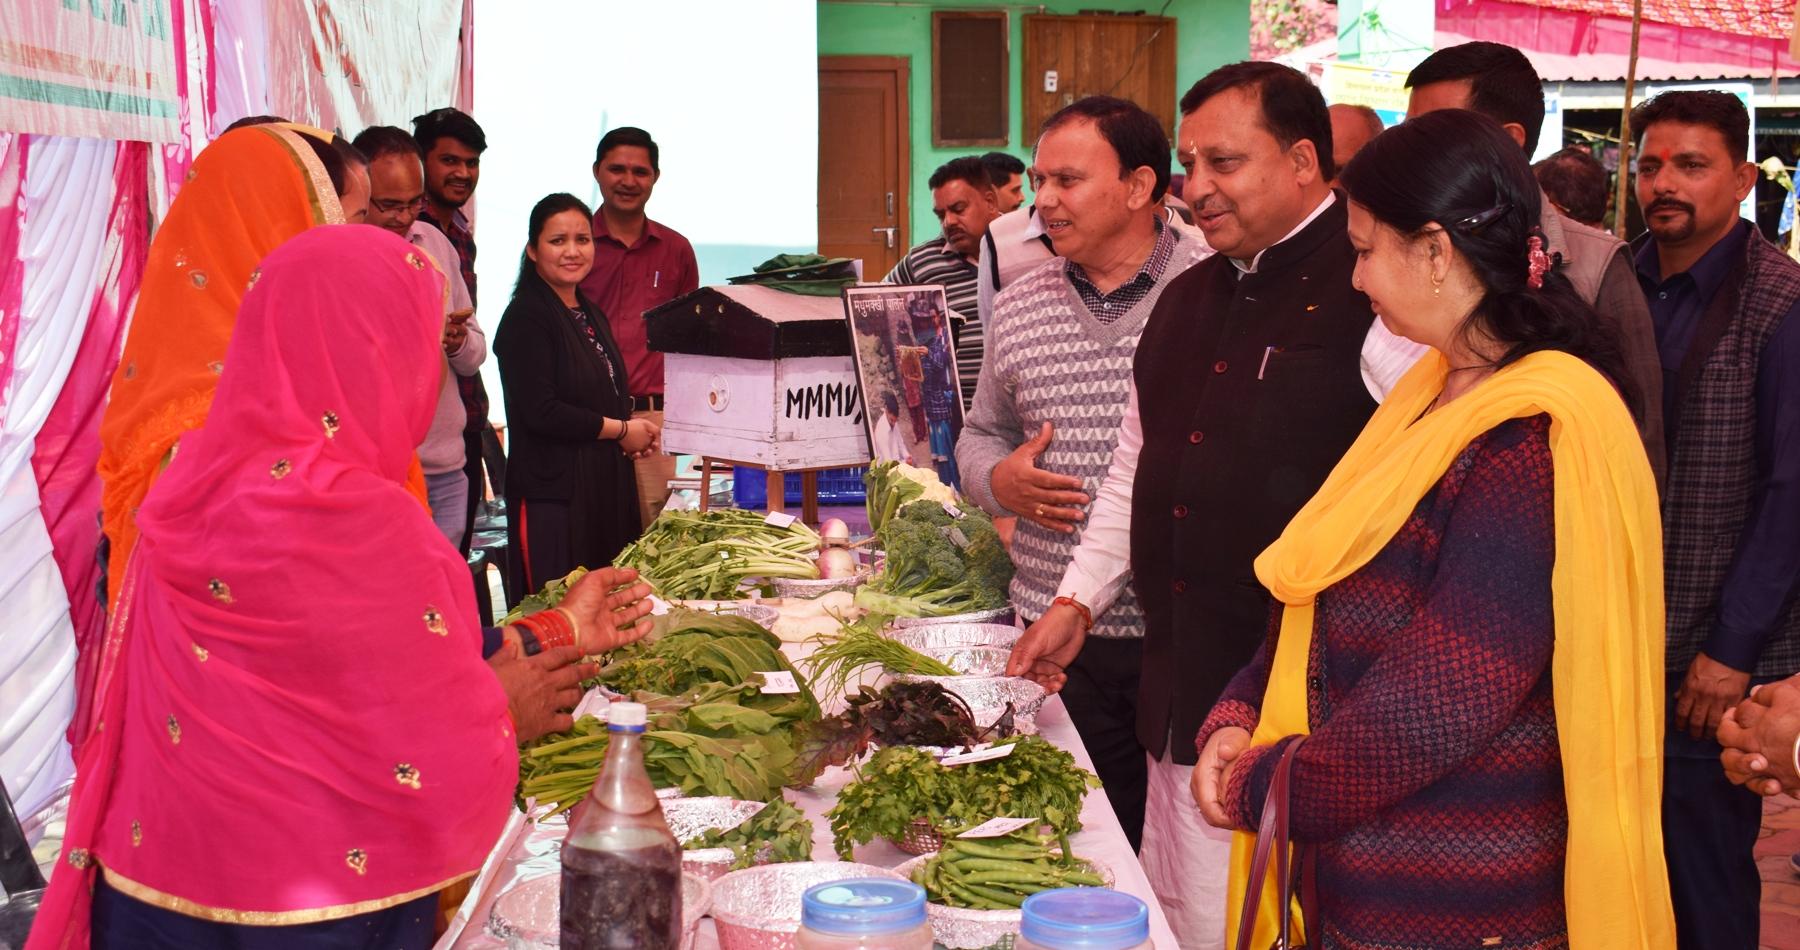 किसानों के खेतों में जाकर काम करें विभाग के अधिकारीः वीरेंद्र कंवर